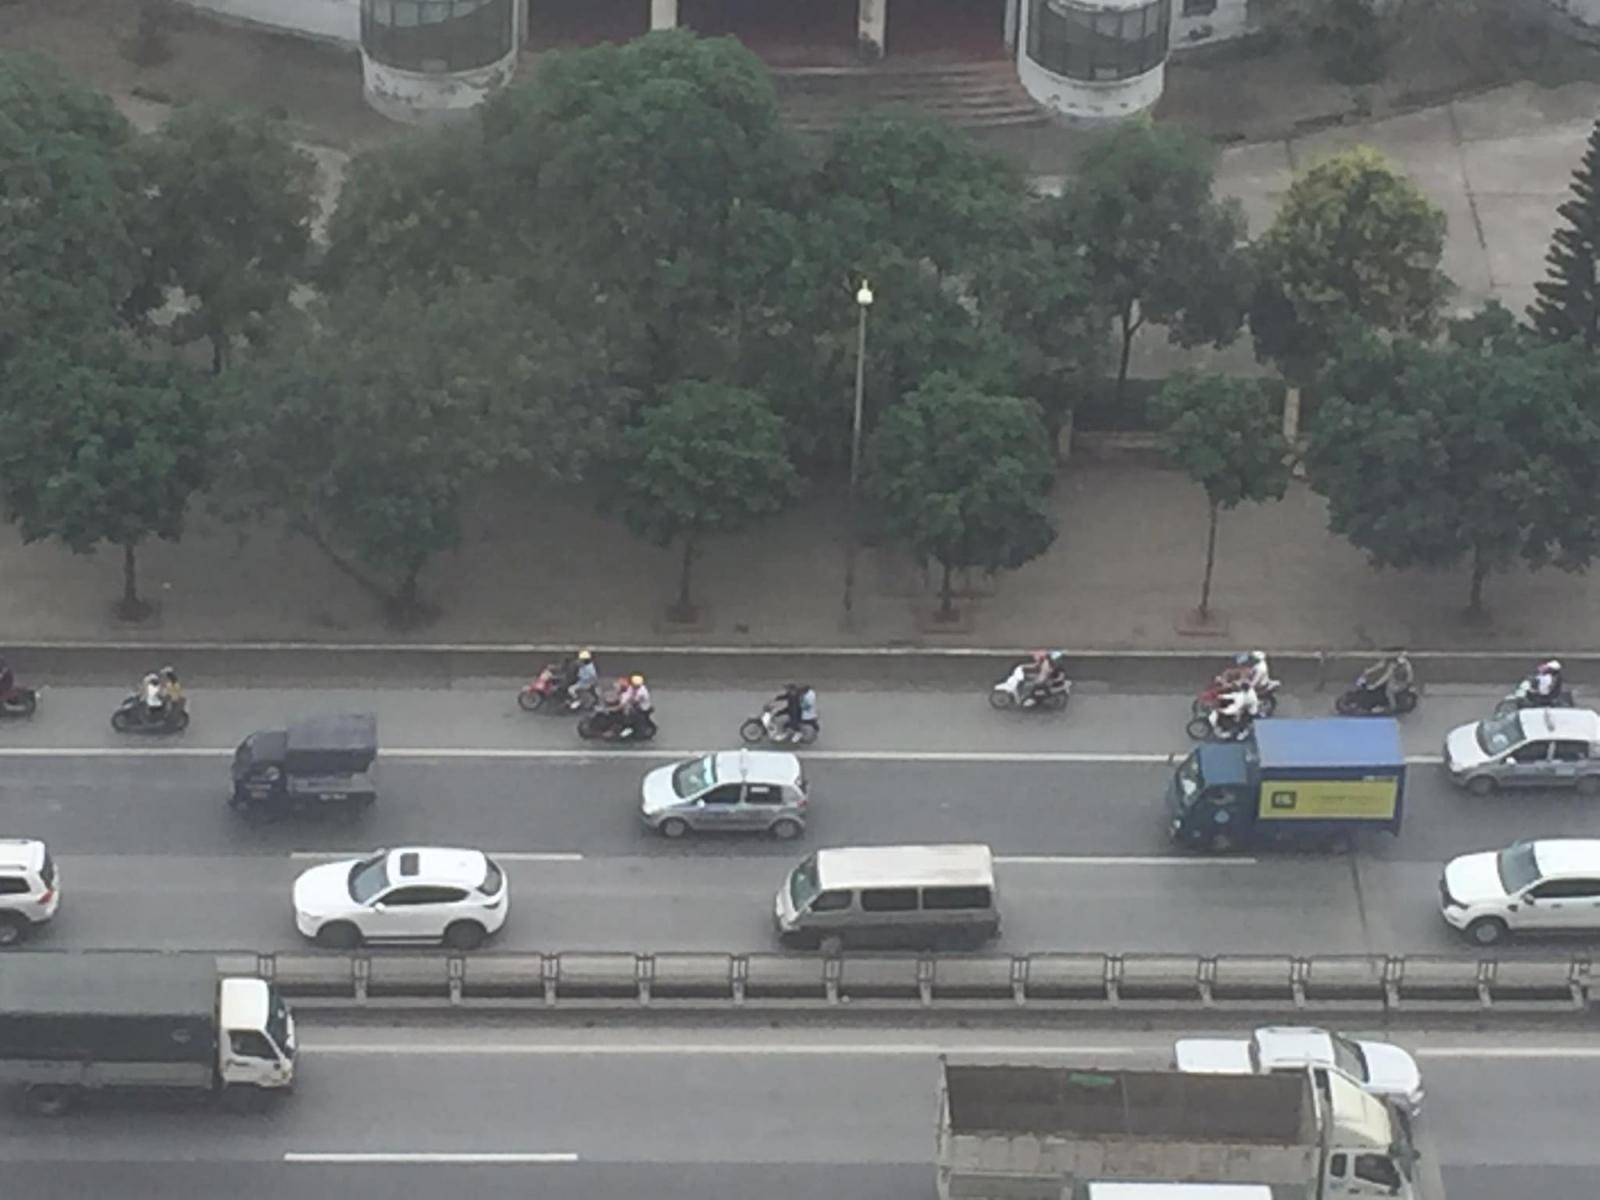 Hàng loạt xe máy đi vào đoạn đường cấm chỉ dành cho xe ô tô